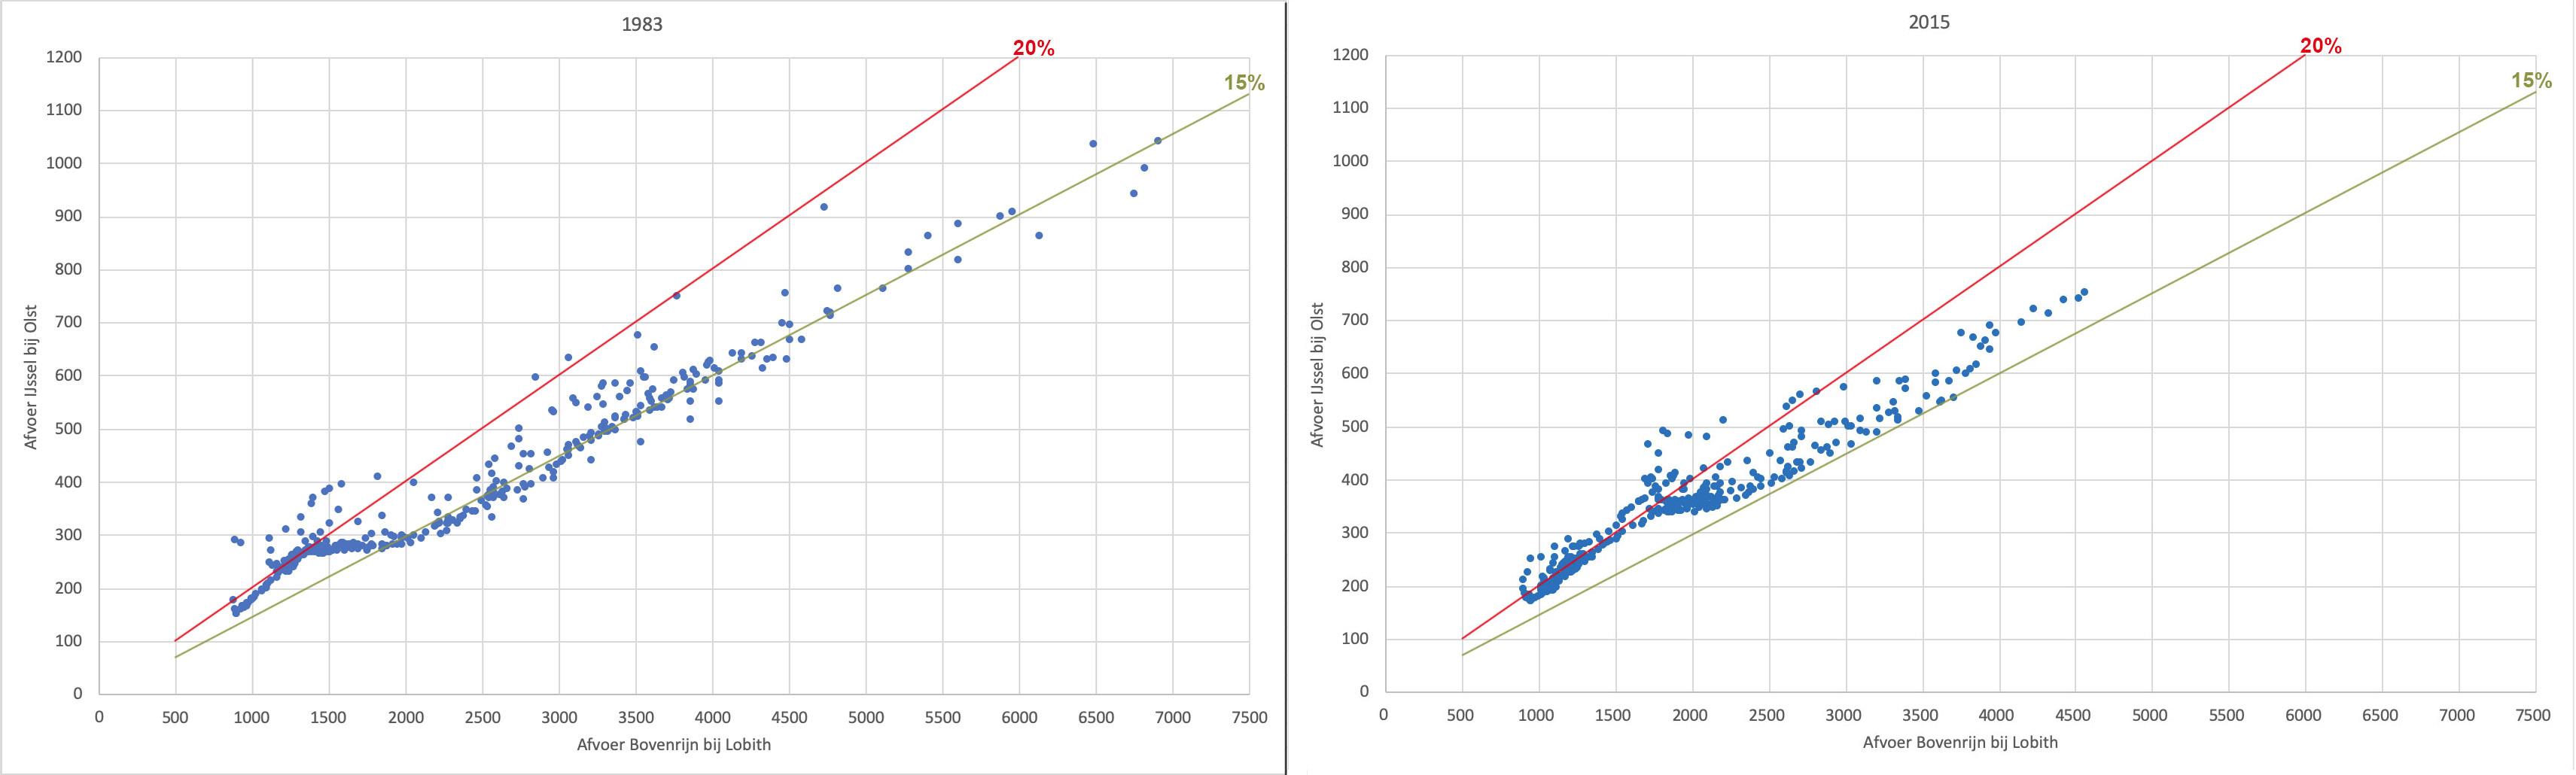 Van iedere dag van het jaar is de afvoer van Lobith uitgezet tegen die van Olst voor 1983 (links) en 2015 Rechts). Ook is de 15 en 20% lijn voor de afvoer van Lobith weergegeven.